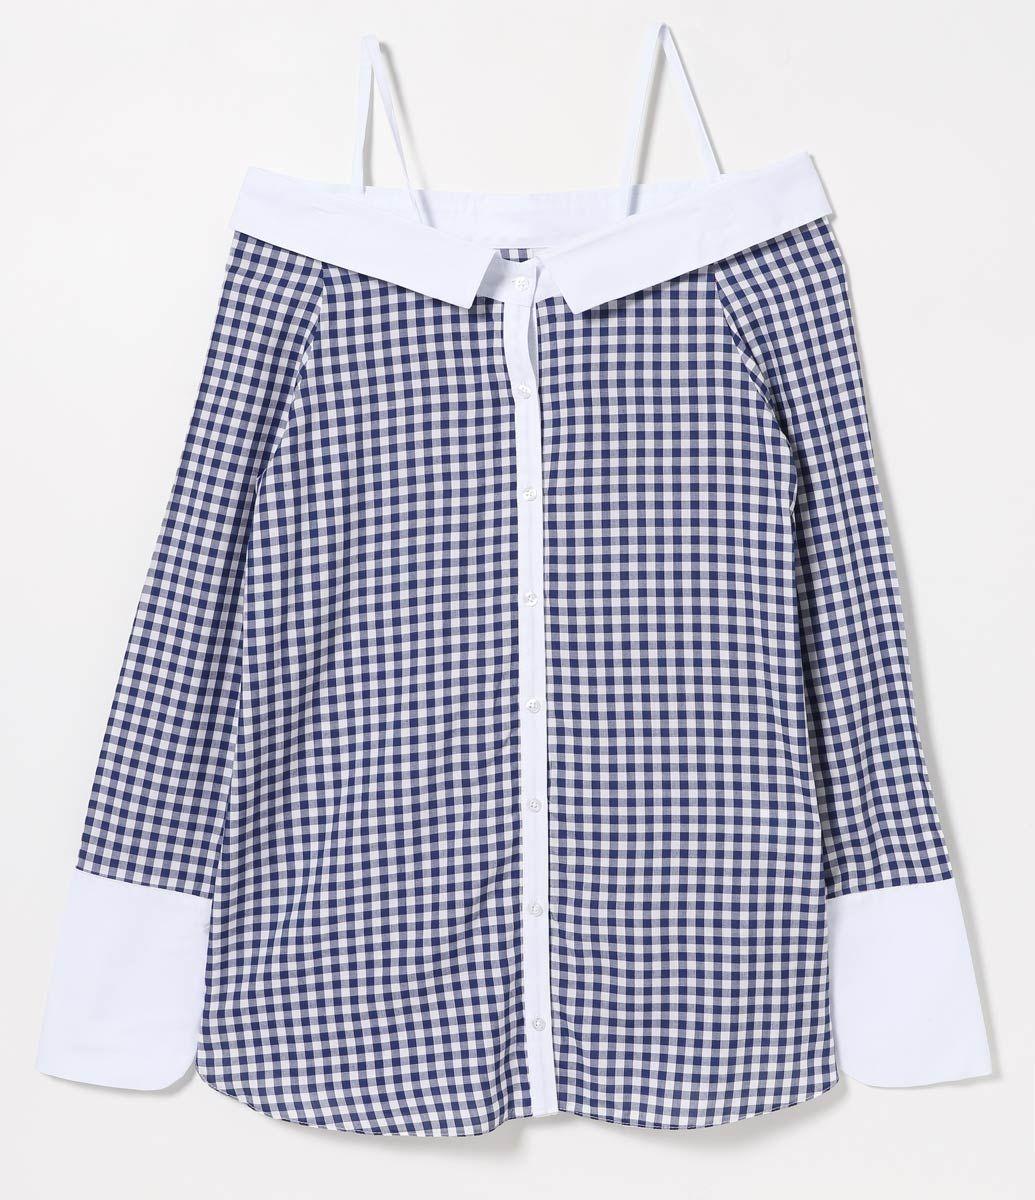 421f722d9 Camisa feminina Manga longa Xadrez Ombro a Ombro Com alcinhas Marca:  A-Collection Tecido: viscose Modelo veste tamanho: P Medidas da modelo:  Altura: 1.69 ...